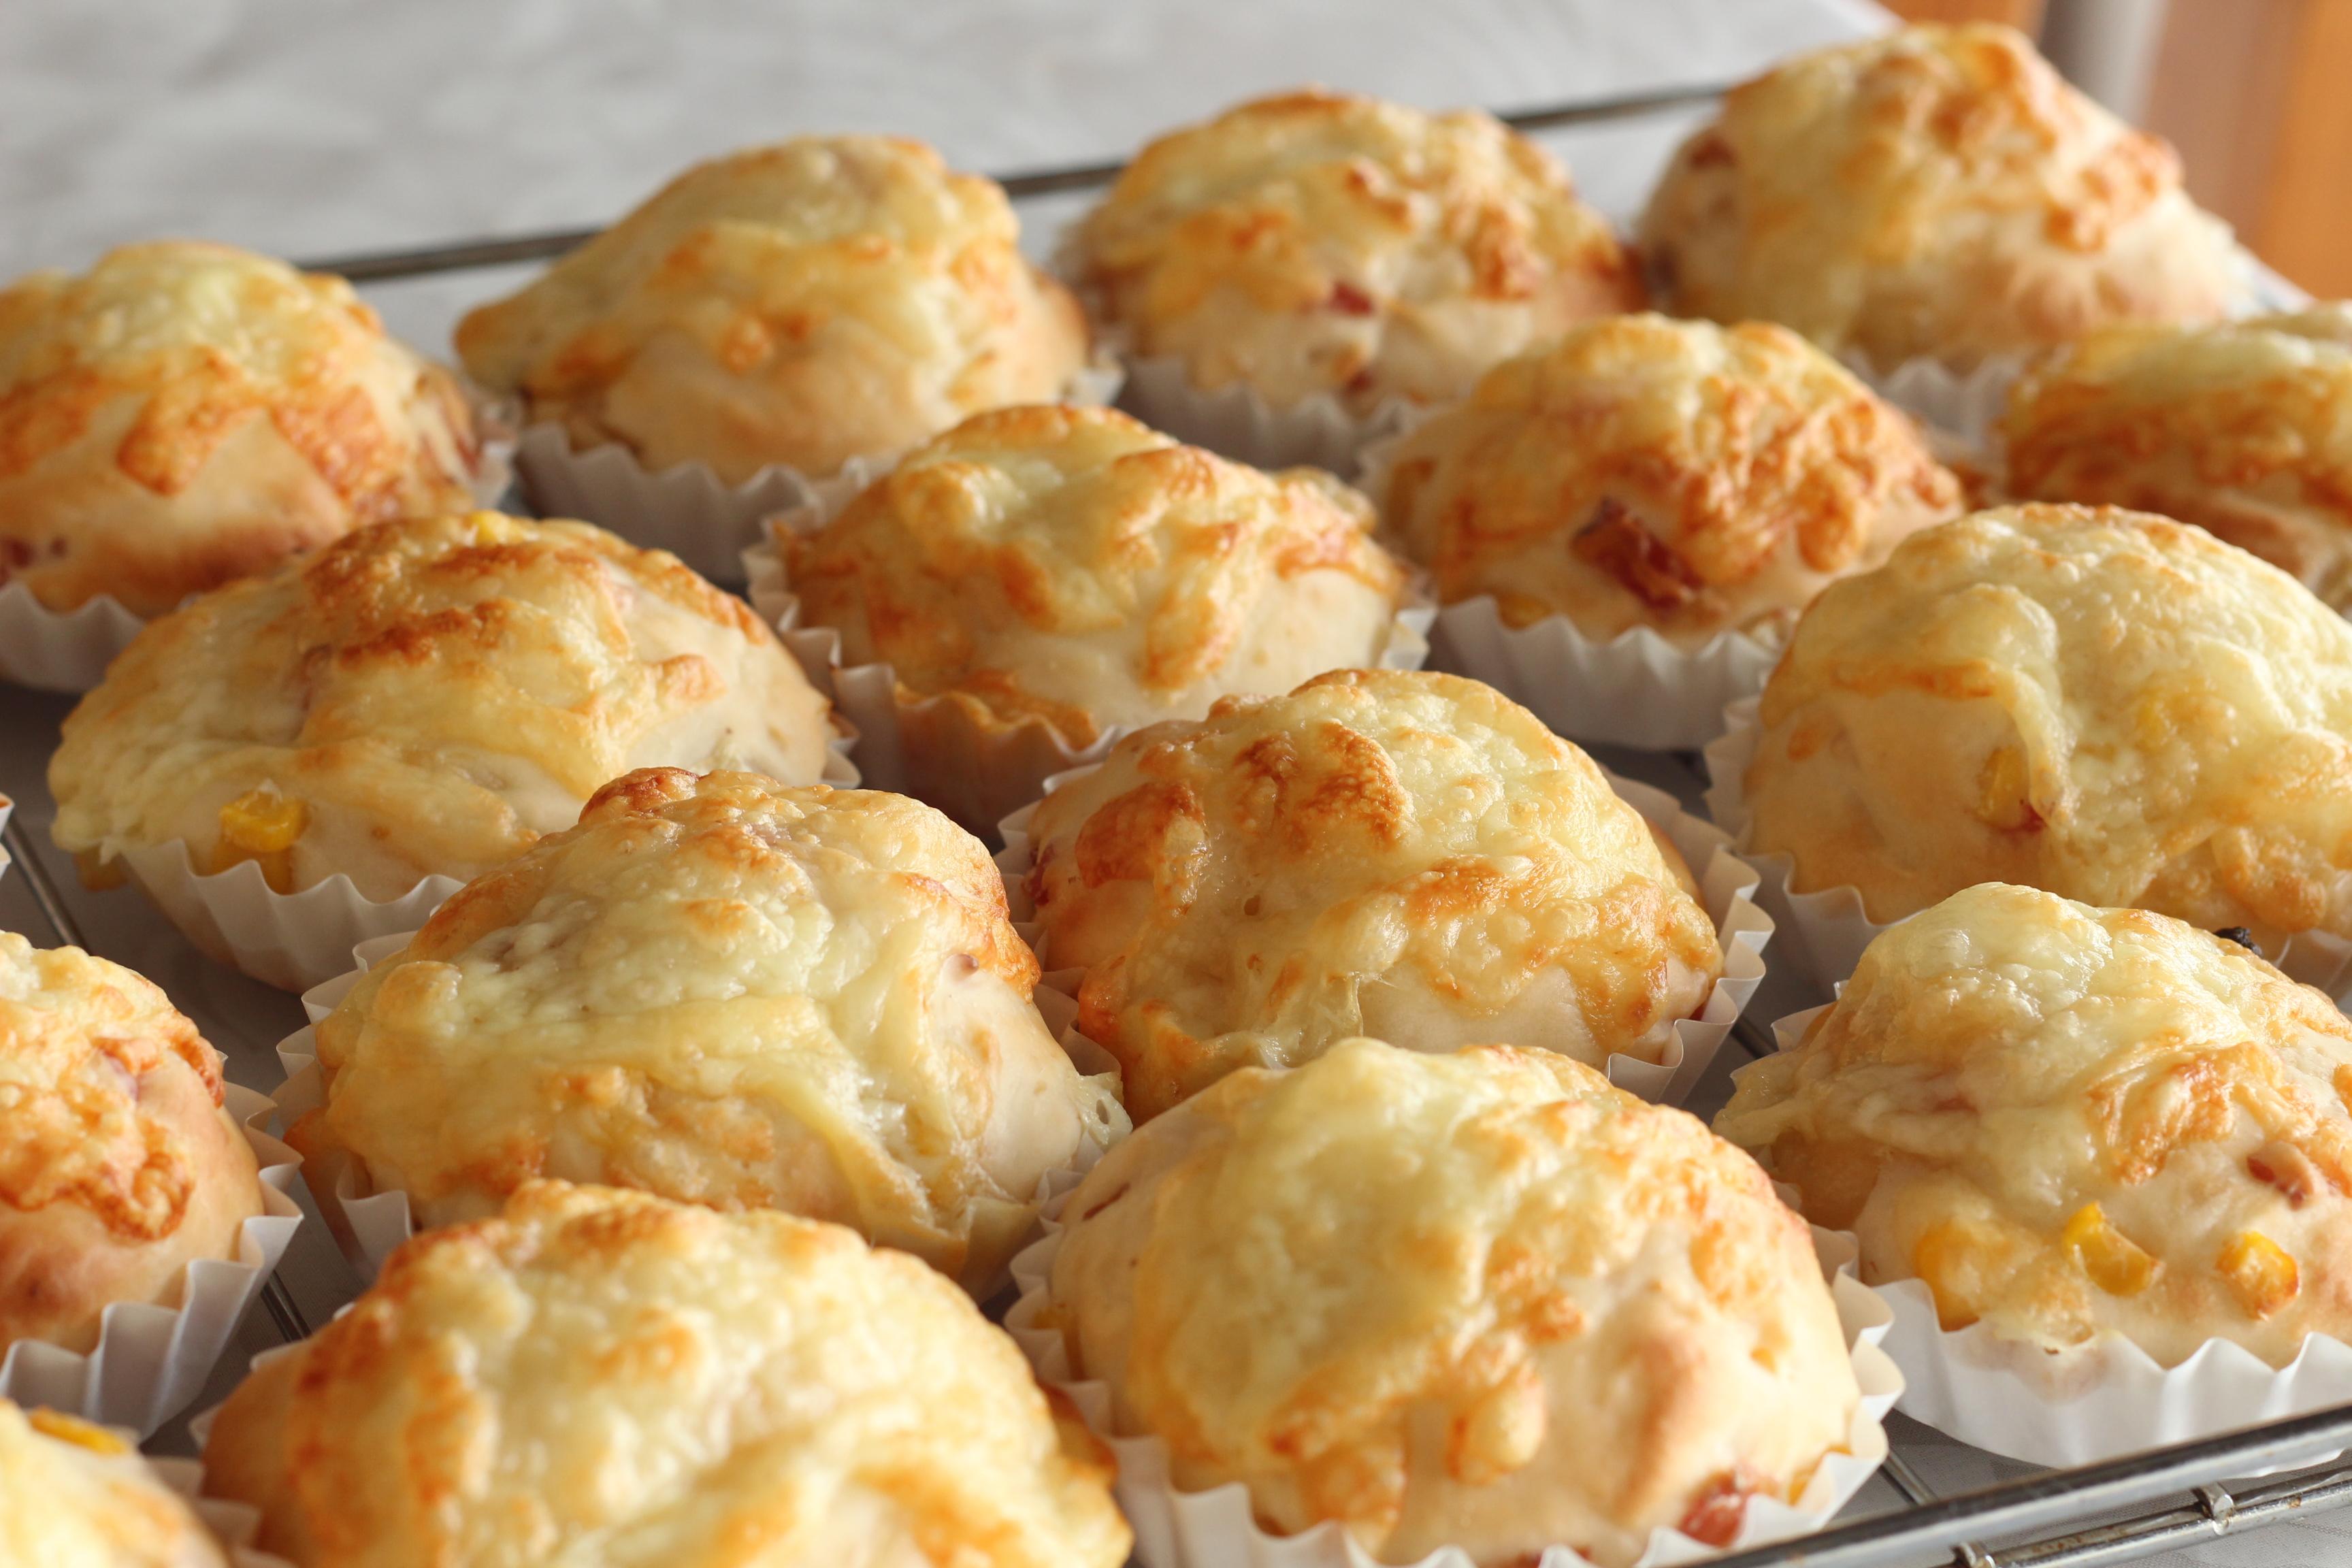 阿倍野区西田辺a-ta-sante糖質制限パン料理教室。インスタントドライイーストと国内産小麦のパンの差し入れ。